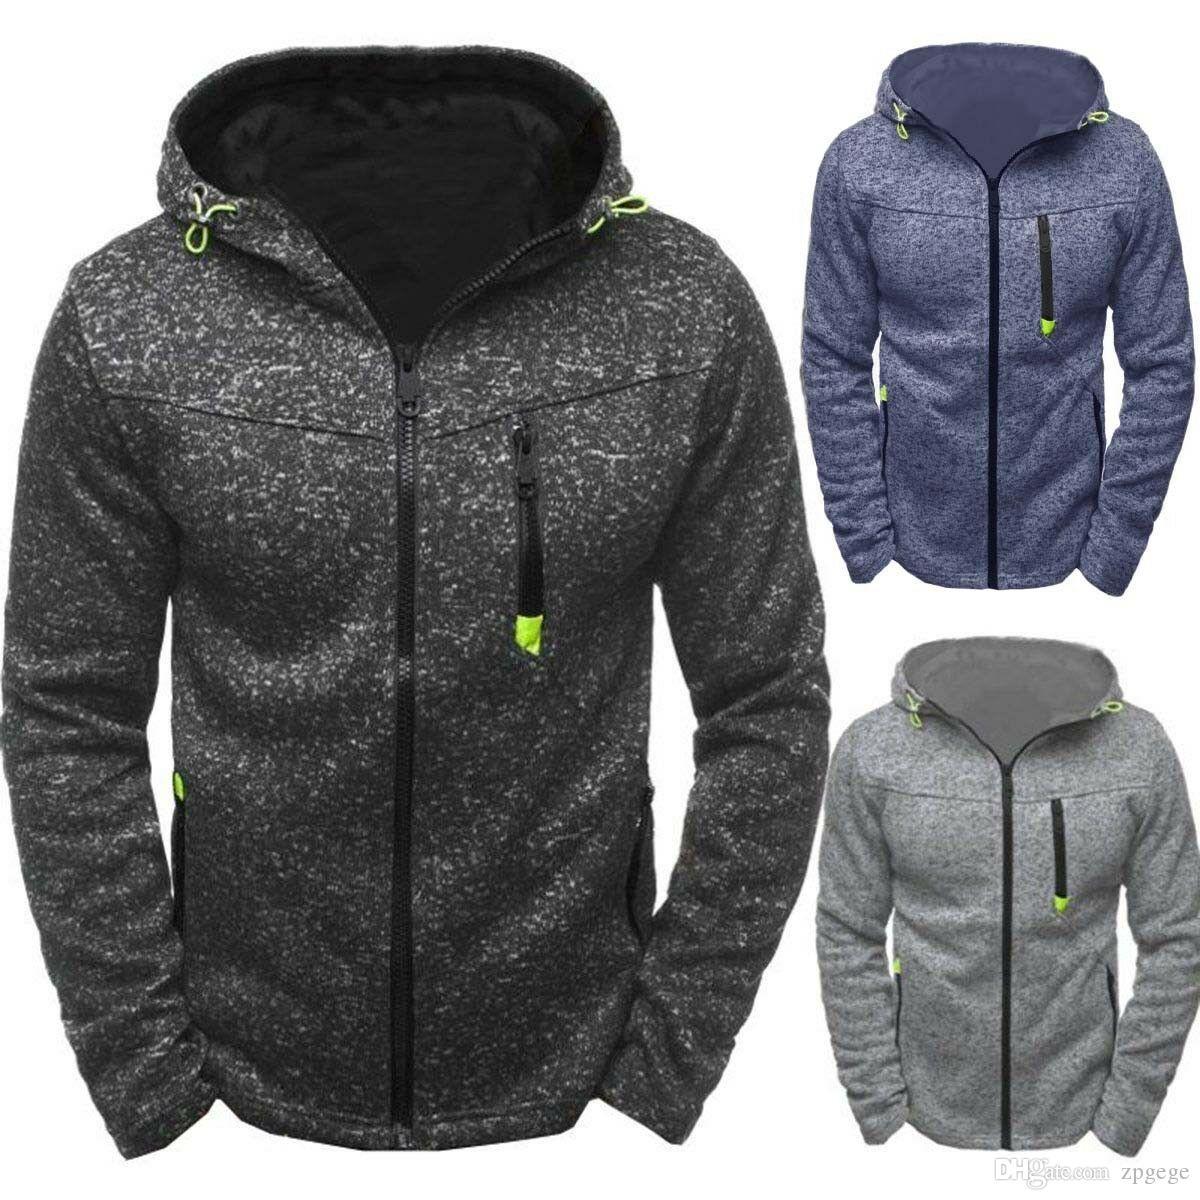 Slim Warm Hooded Sweatshirt Zipper Coat Jacket Outwear Sweater New Stylish Men/'